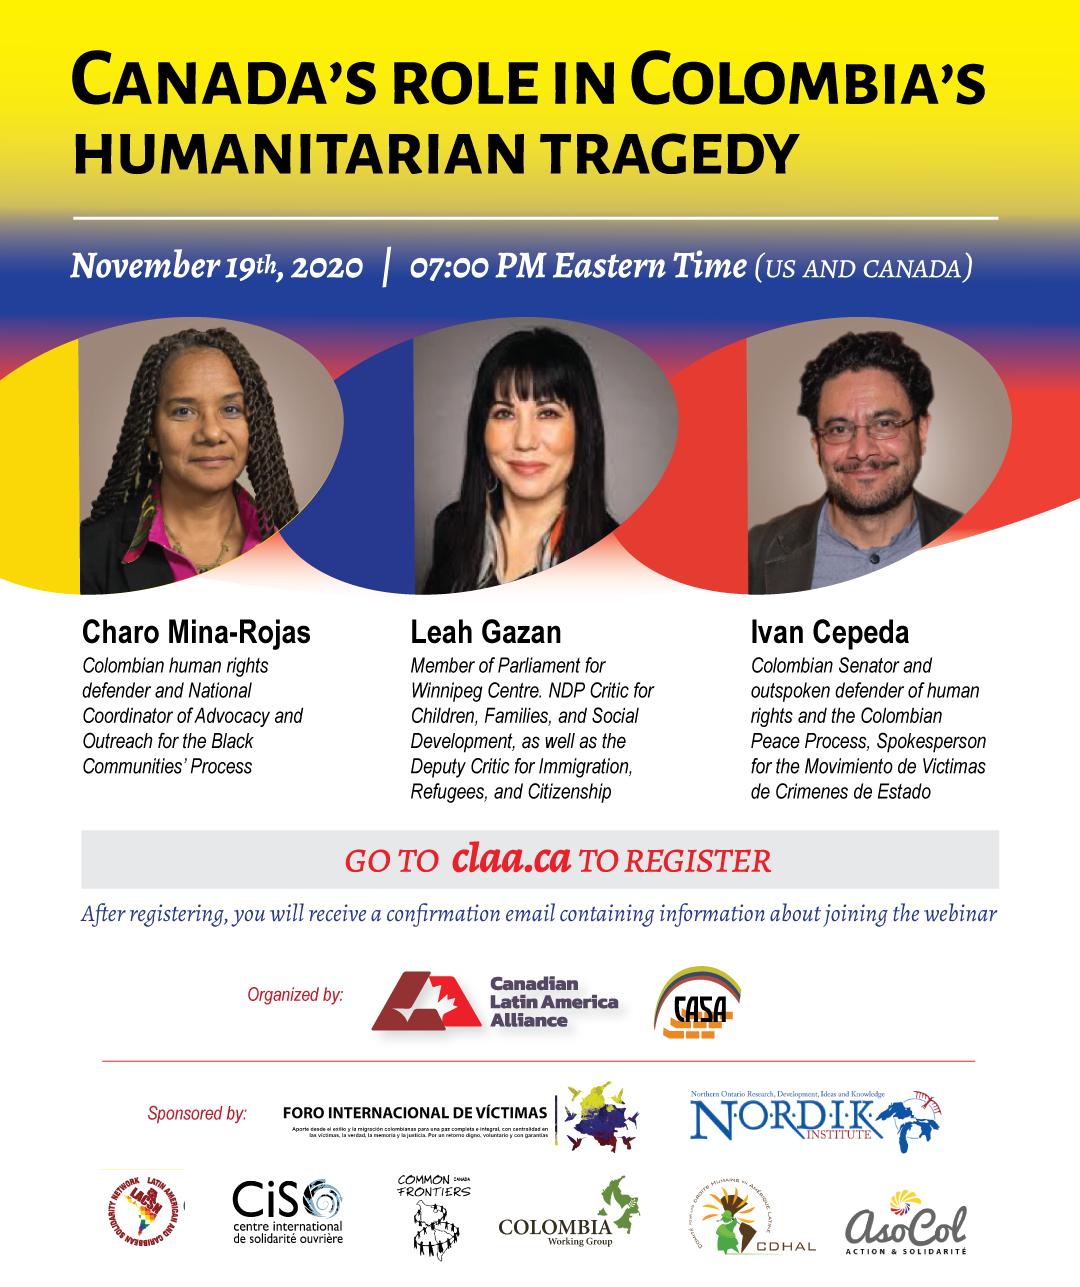 Invitan a discusión en torno a rol de Canadá en situación en Colombia